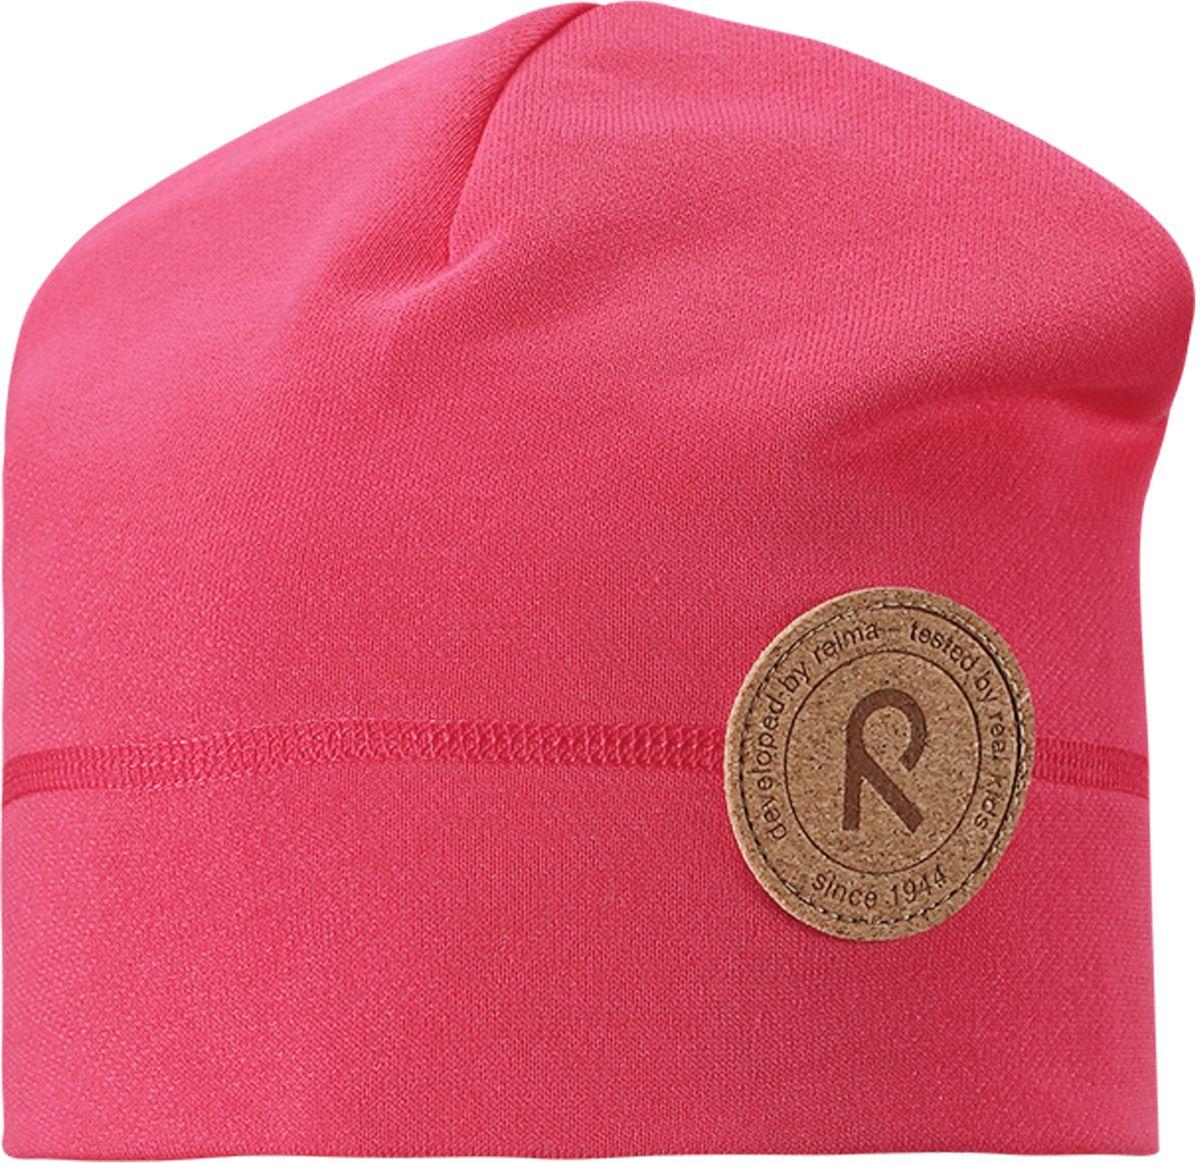 Шапка детская Reima Puhkus, цвет: розовый. 528520-3360. Размер 52/54528520-3360Модная и удобная шапка для малышей и детей постарше со степенью УФ-защиты 50+. Она изготовлена из эластичного и дышащего материала, который быстро сохнет и очень прост в уходе. С изнаночной стороны у этой шапки мягкий и теплый плюш.